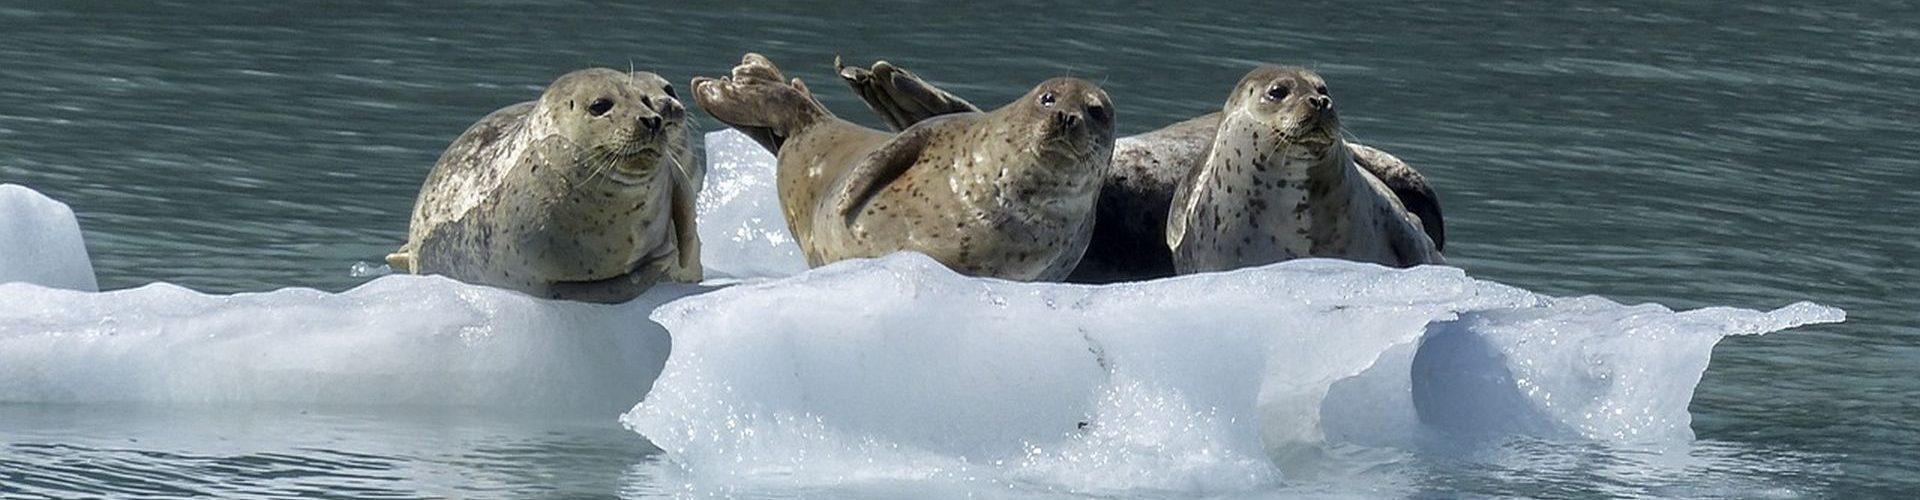 כלבי ים נחים על קרחון